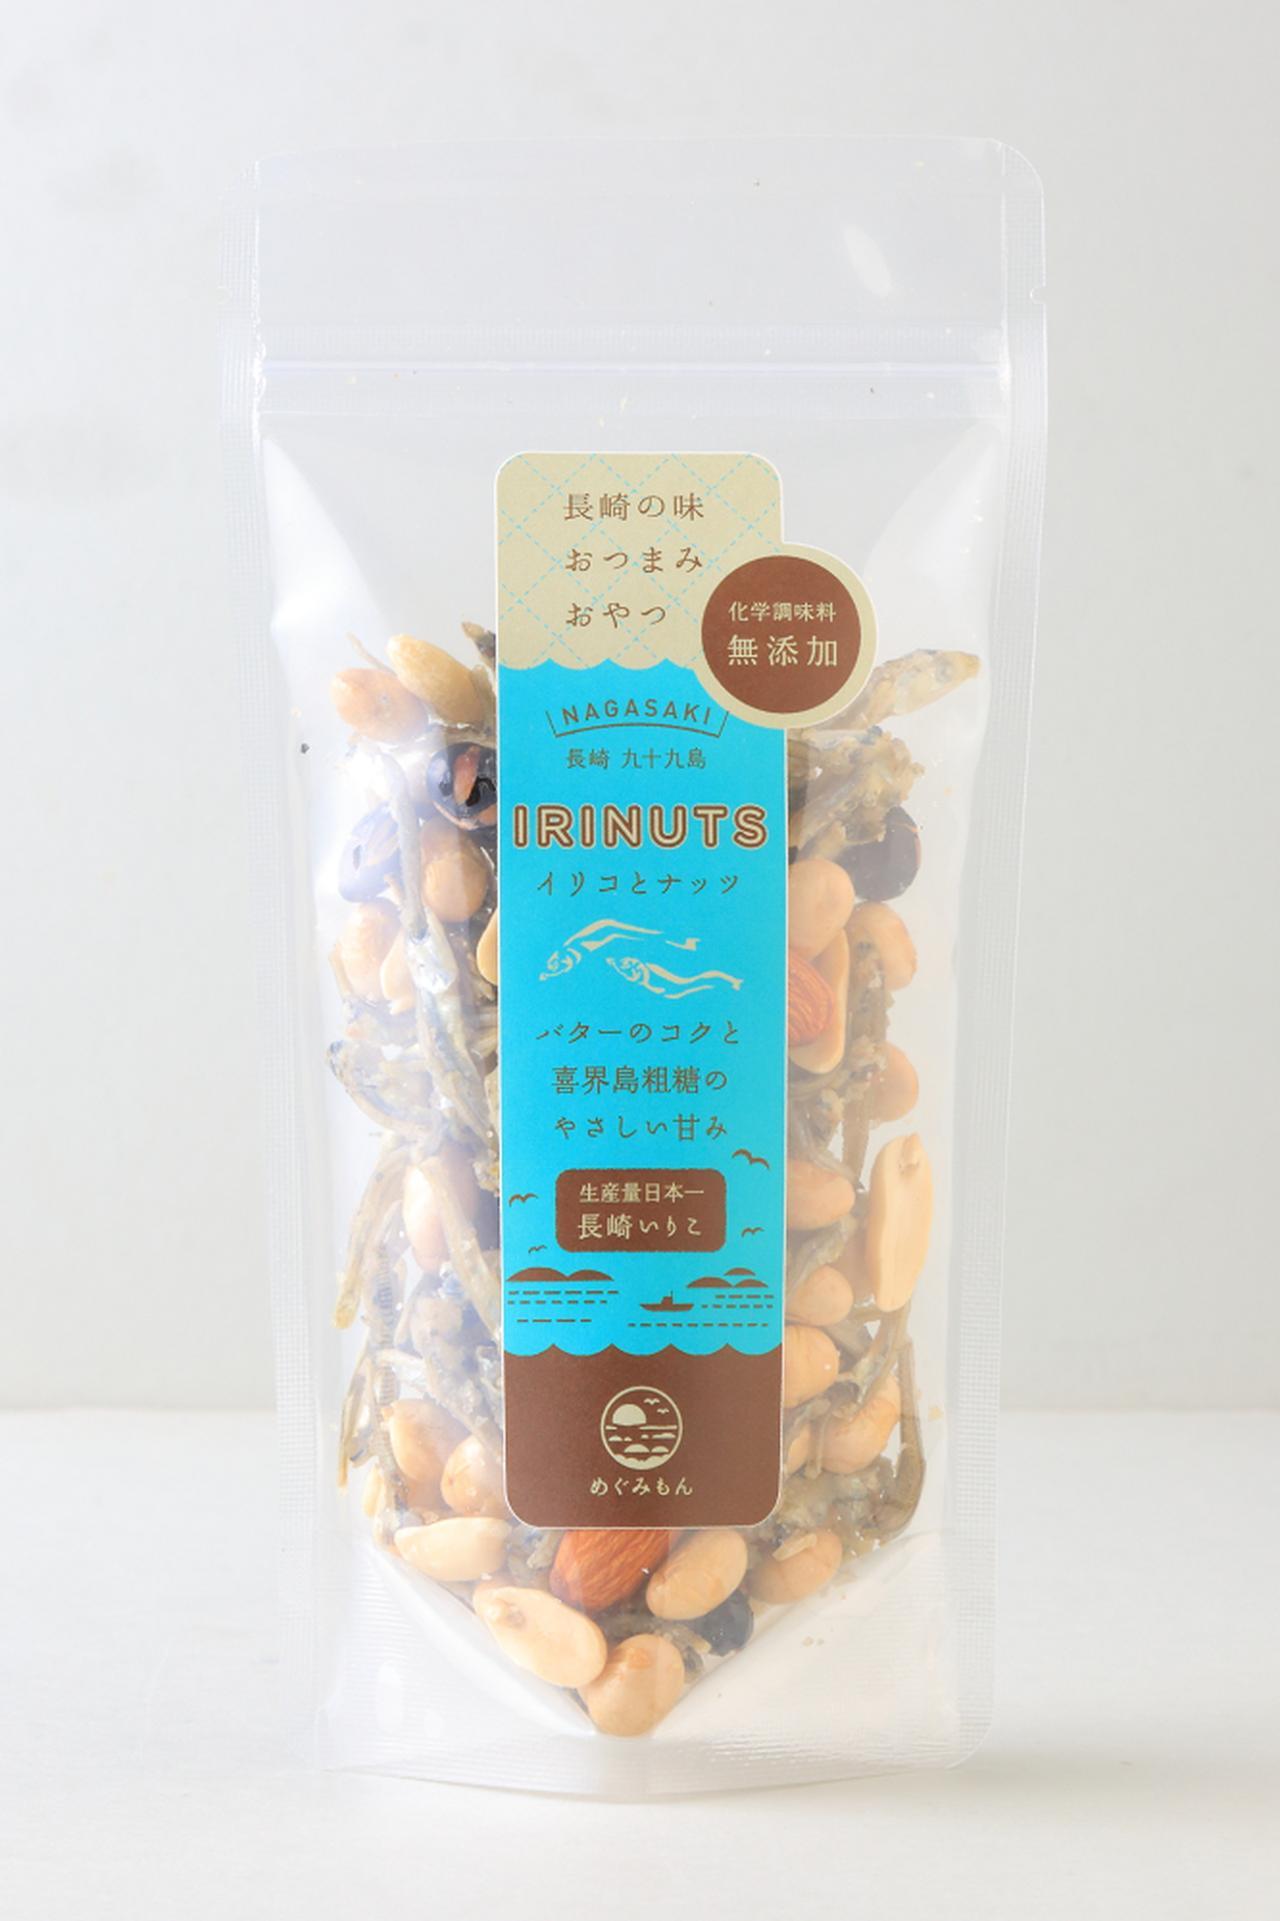 画像2: 大人のおやつ!長崎県産のイリコとハチミツ・天日塩を使った「IRINUTS」